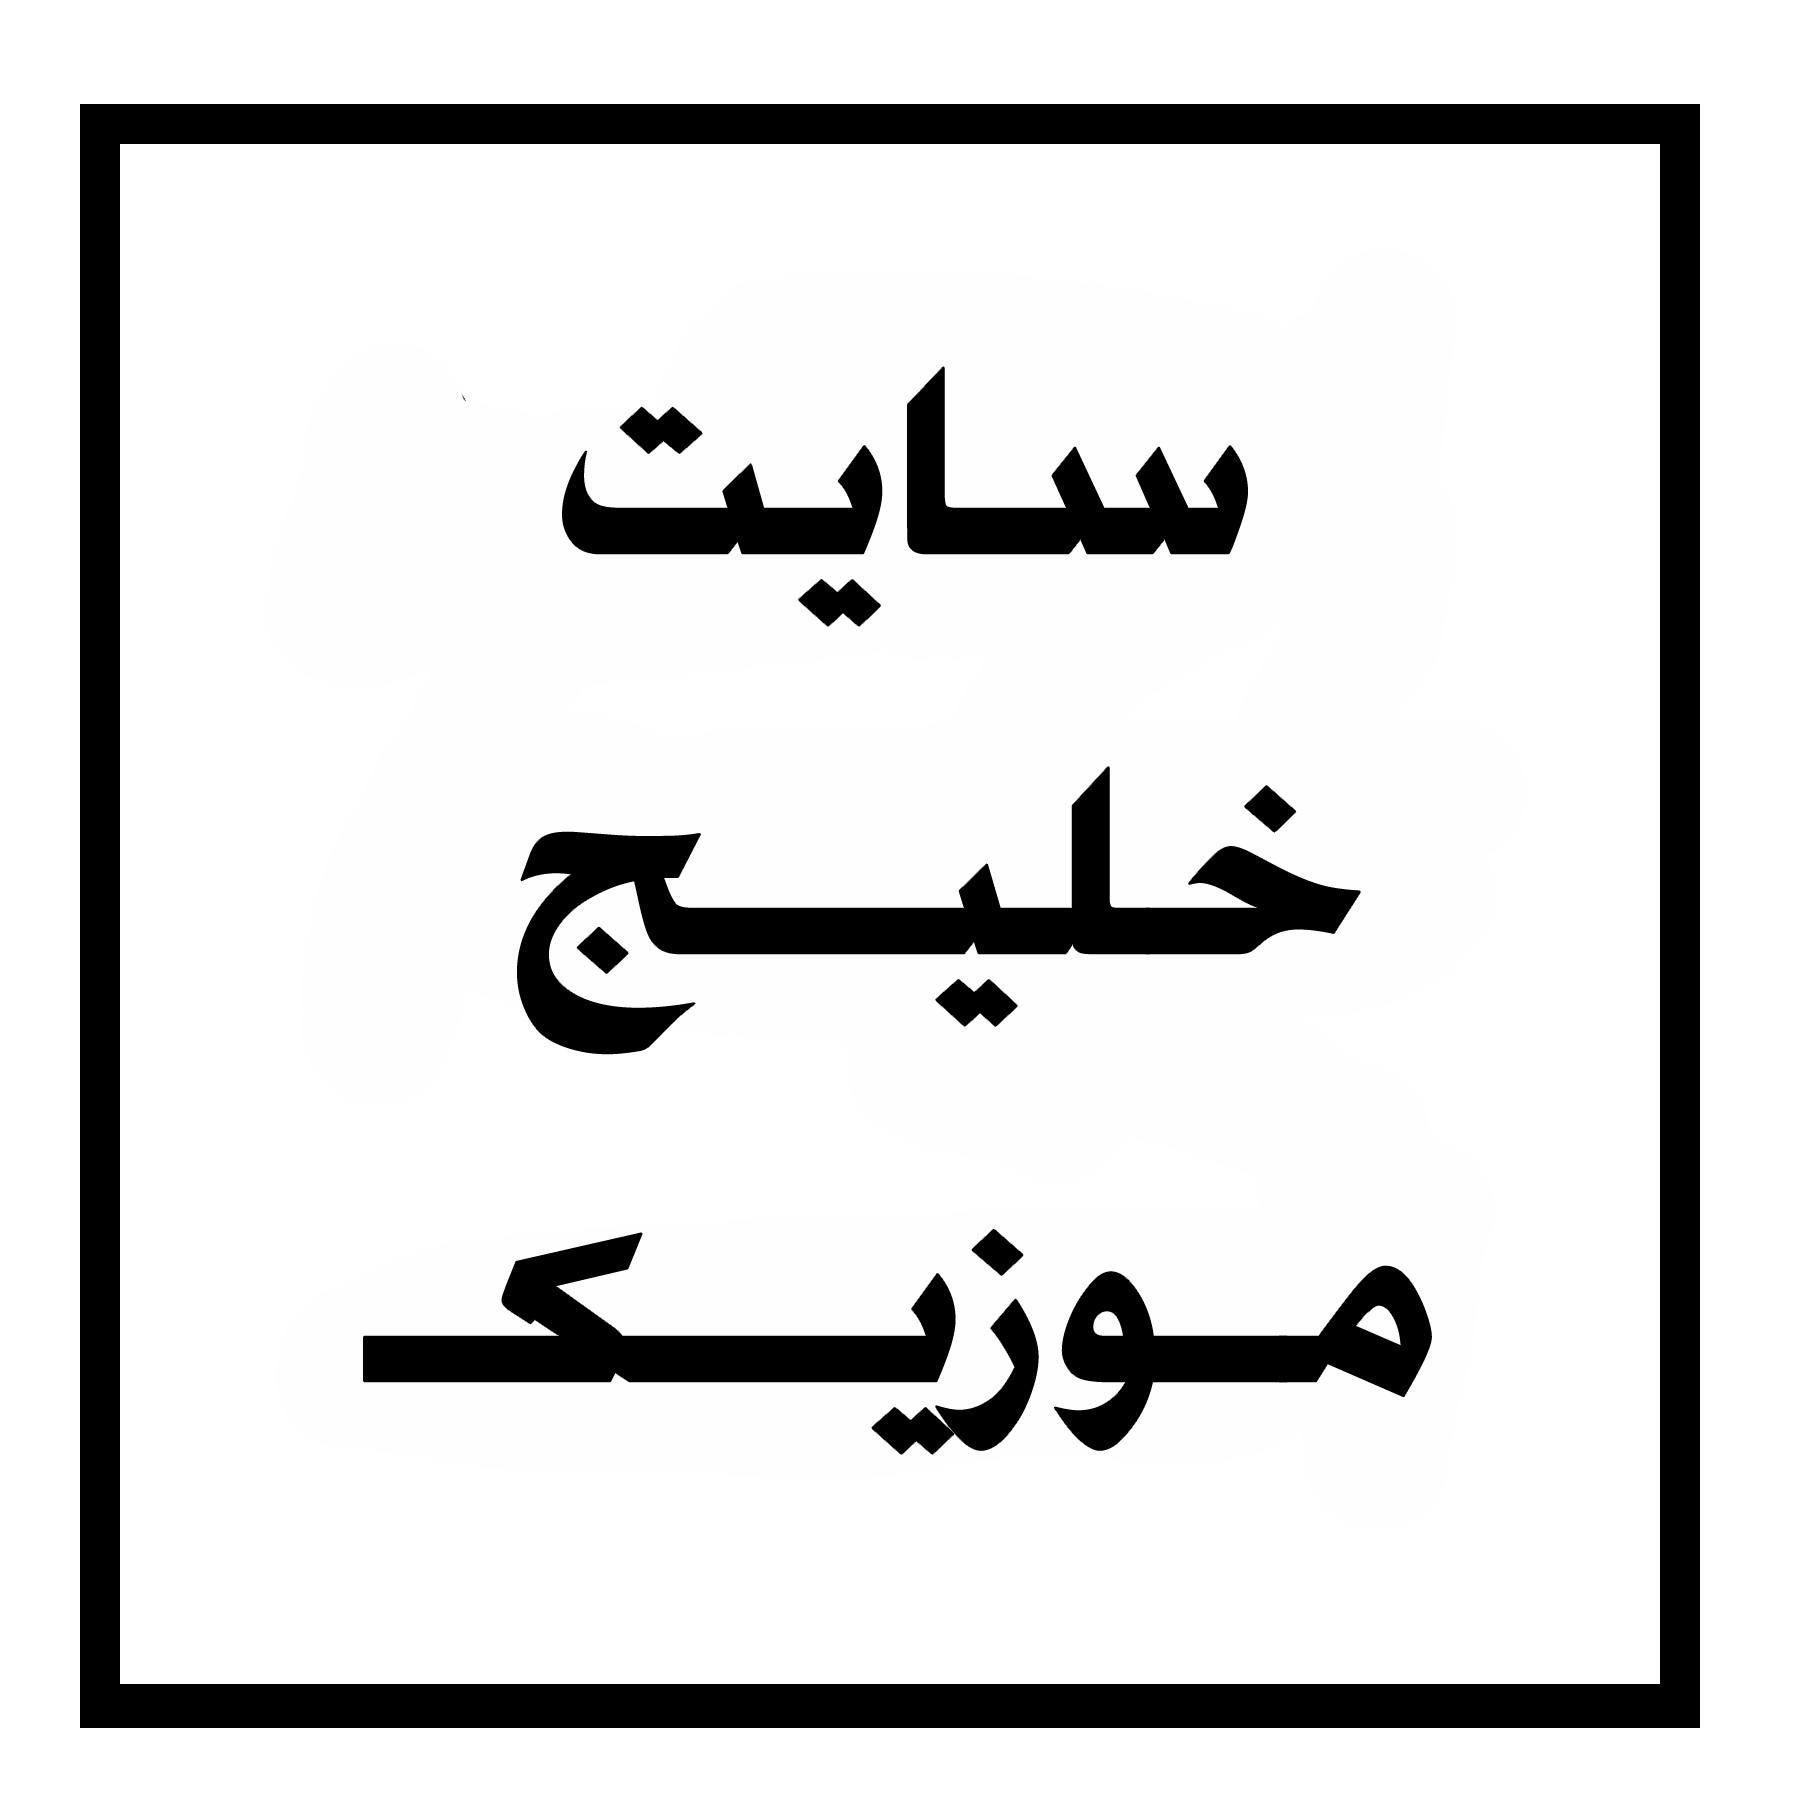 حسن رحیمی آهنگ جدید اجرای زنده و بسیار زیبا و شنیدنی بصورت حفله